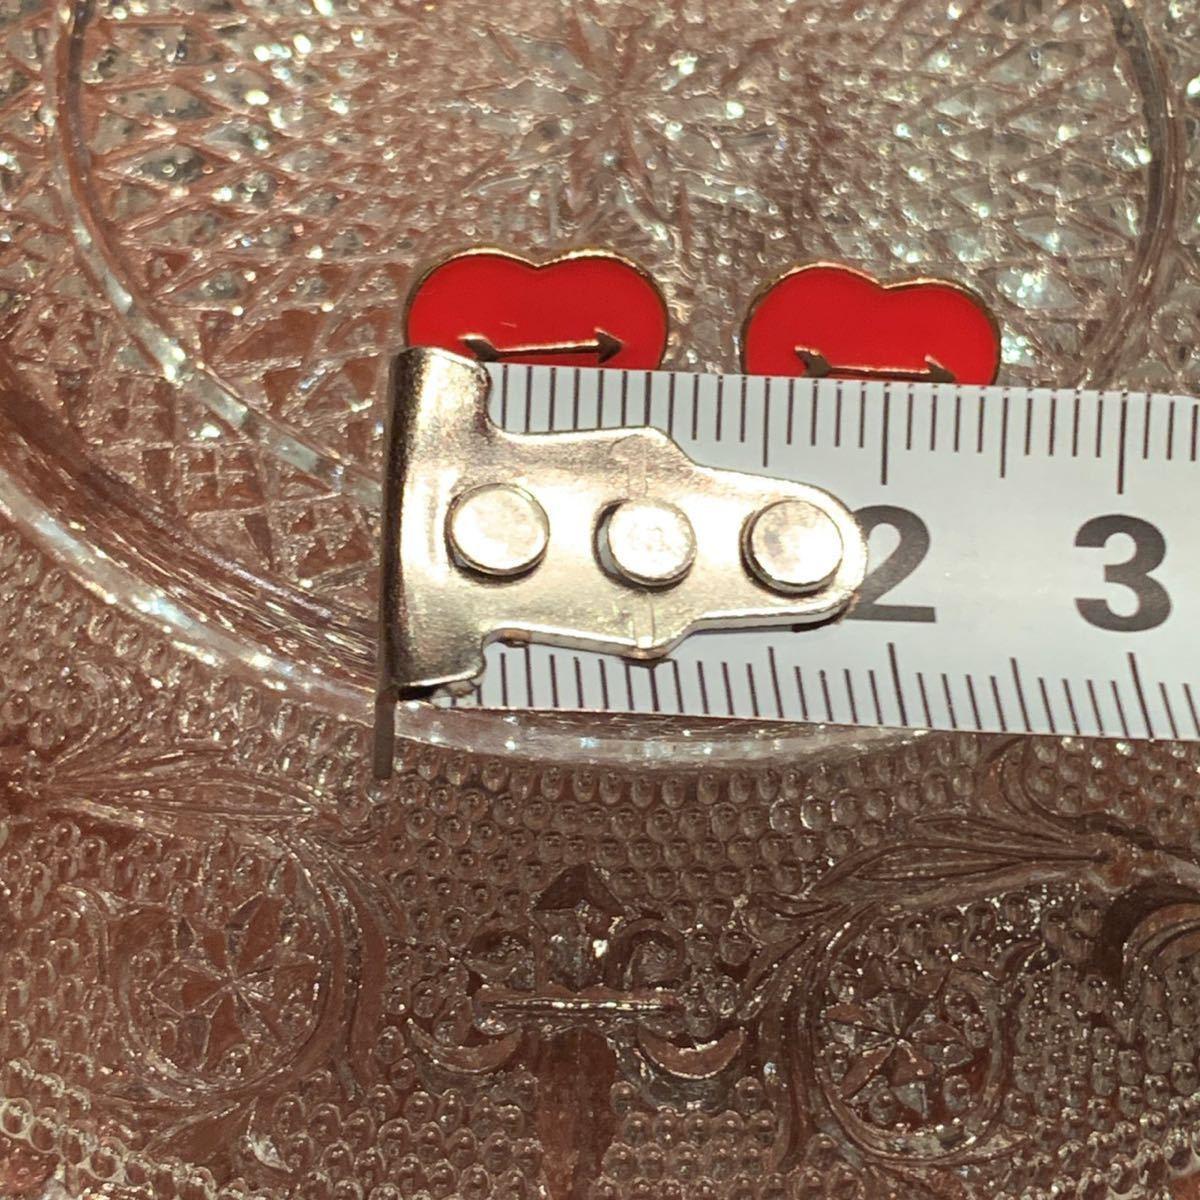 〈新品未使用〉ピアス 赤いハートモチーフ 弓矢 真鍮 ハンドメイド アクセサリー_画像4